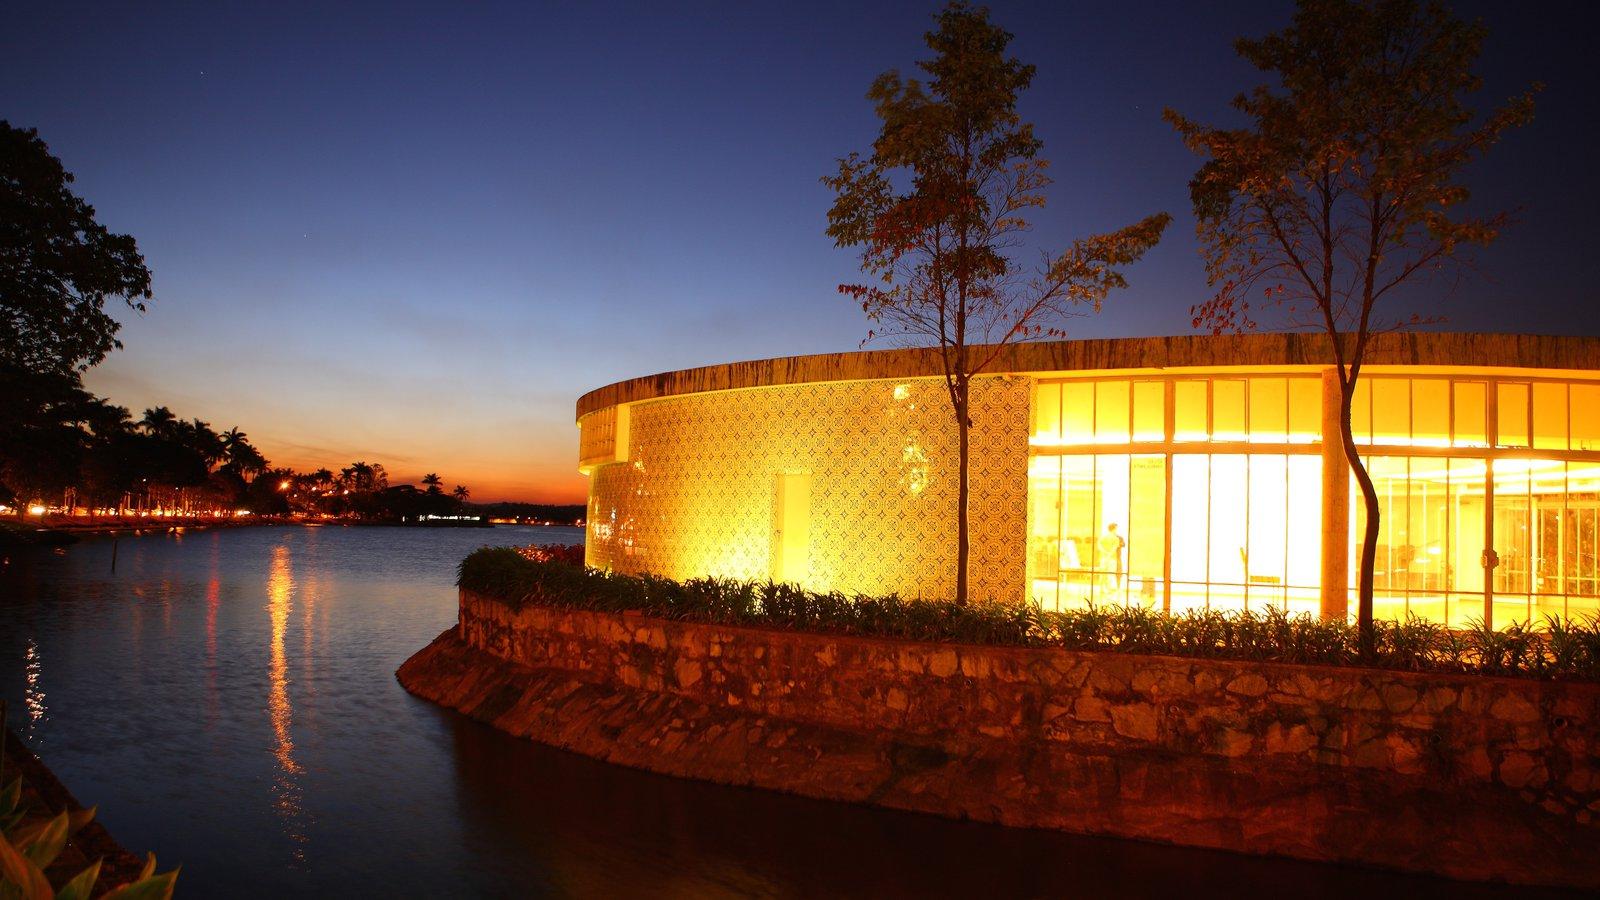 Belo Horizonte que inclui paisagens litorâneas, um pôr do sol e cenas noturnas